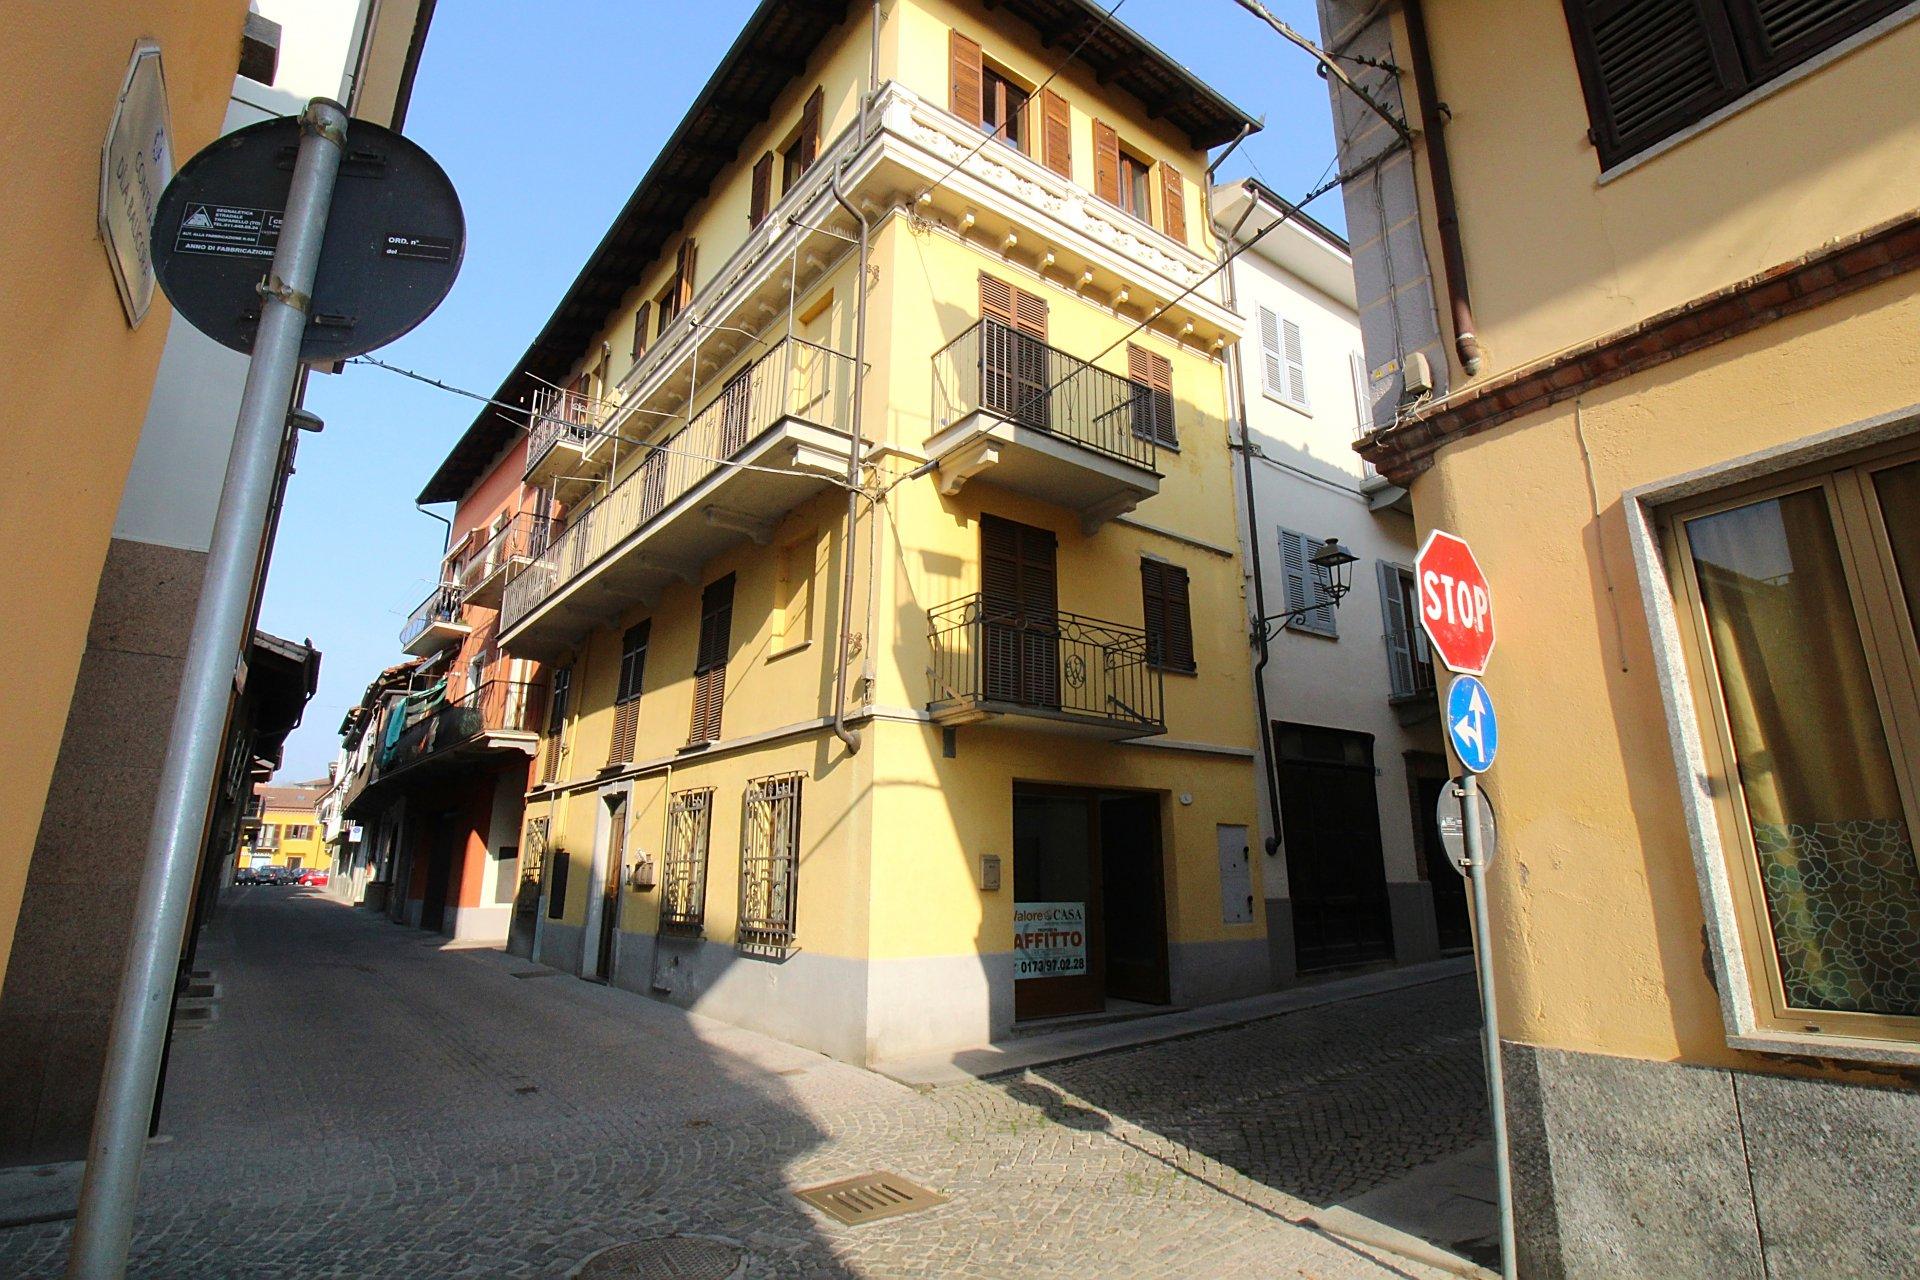 Negozio in via Garibaldi